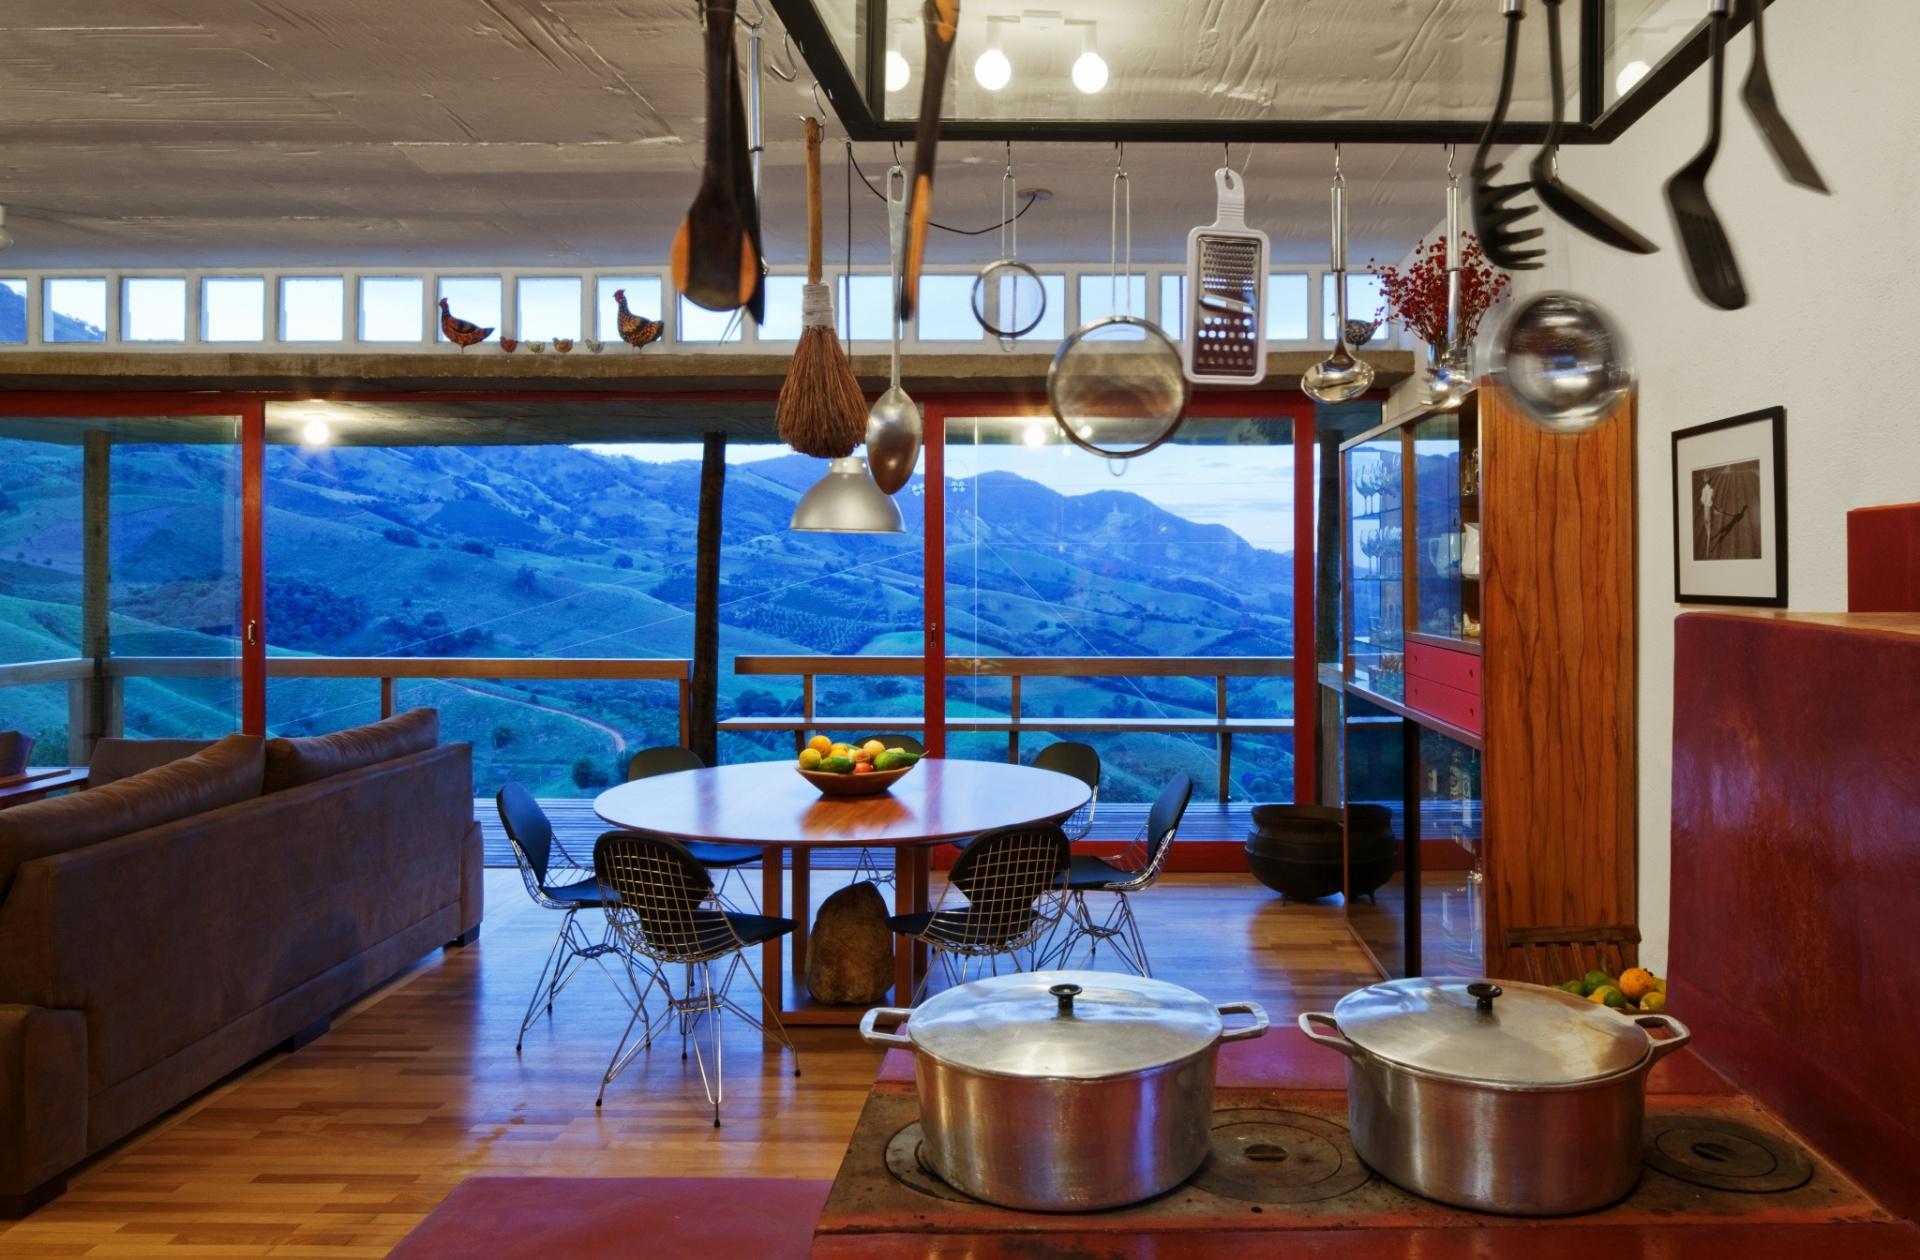 Com varanda dos dois lados, a sala possui vista para várias paisagens, principalmente para o